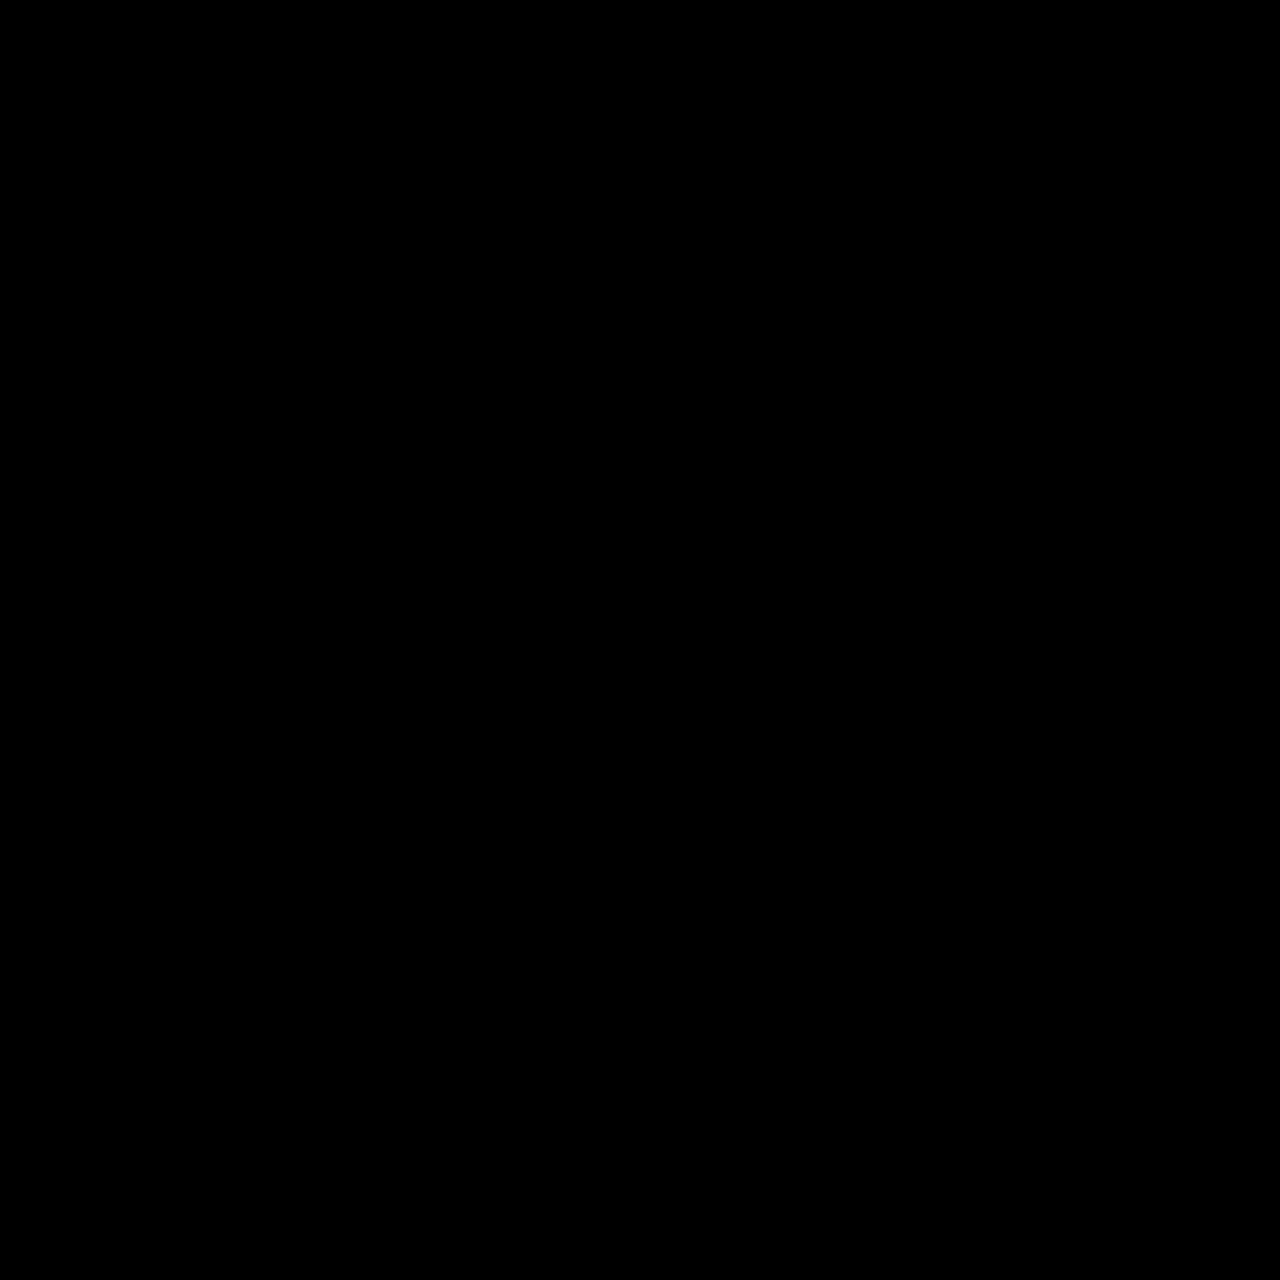 Schneider® logo